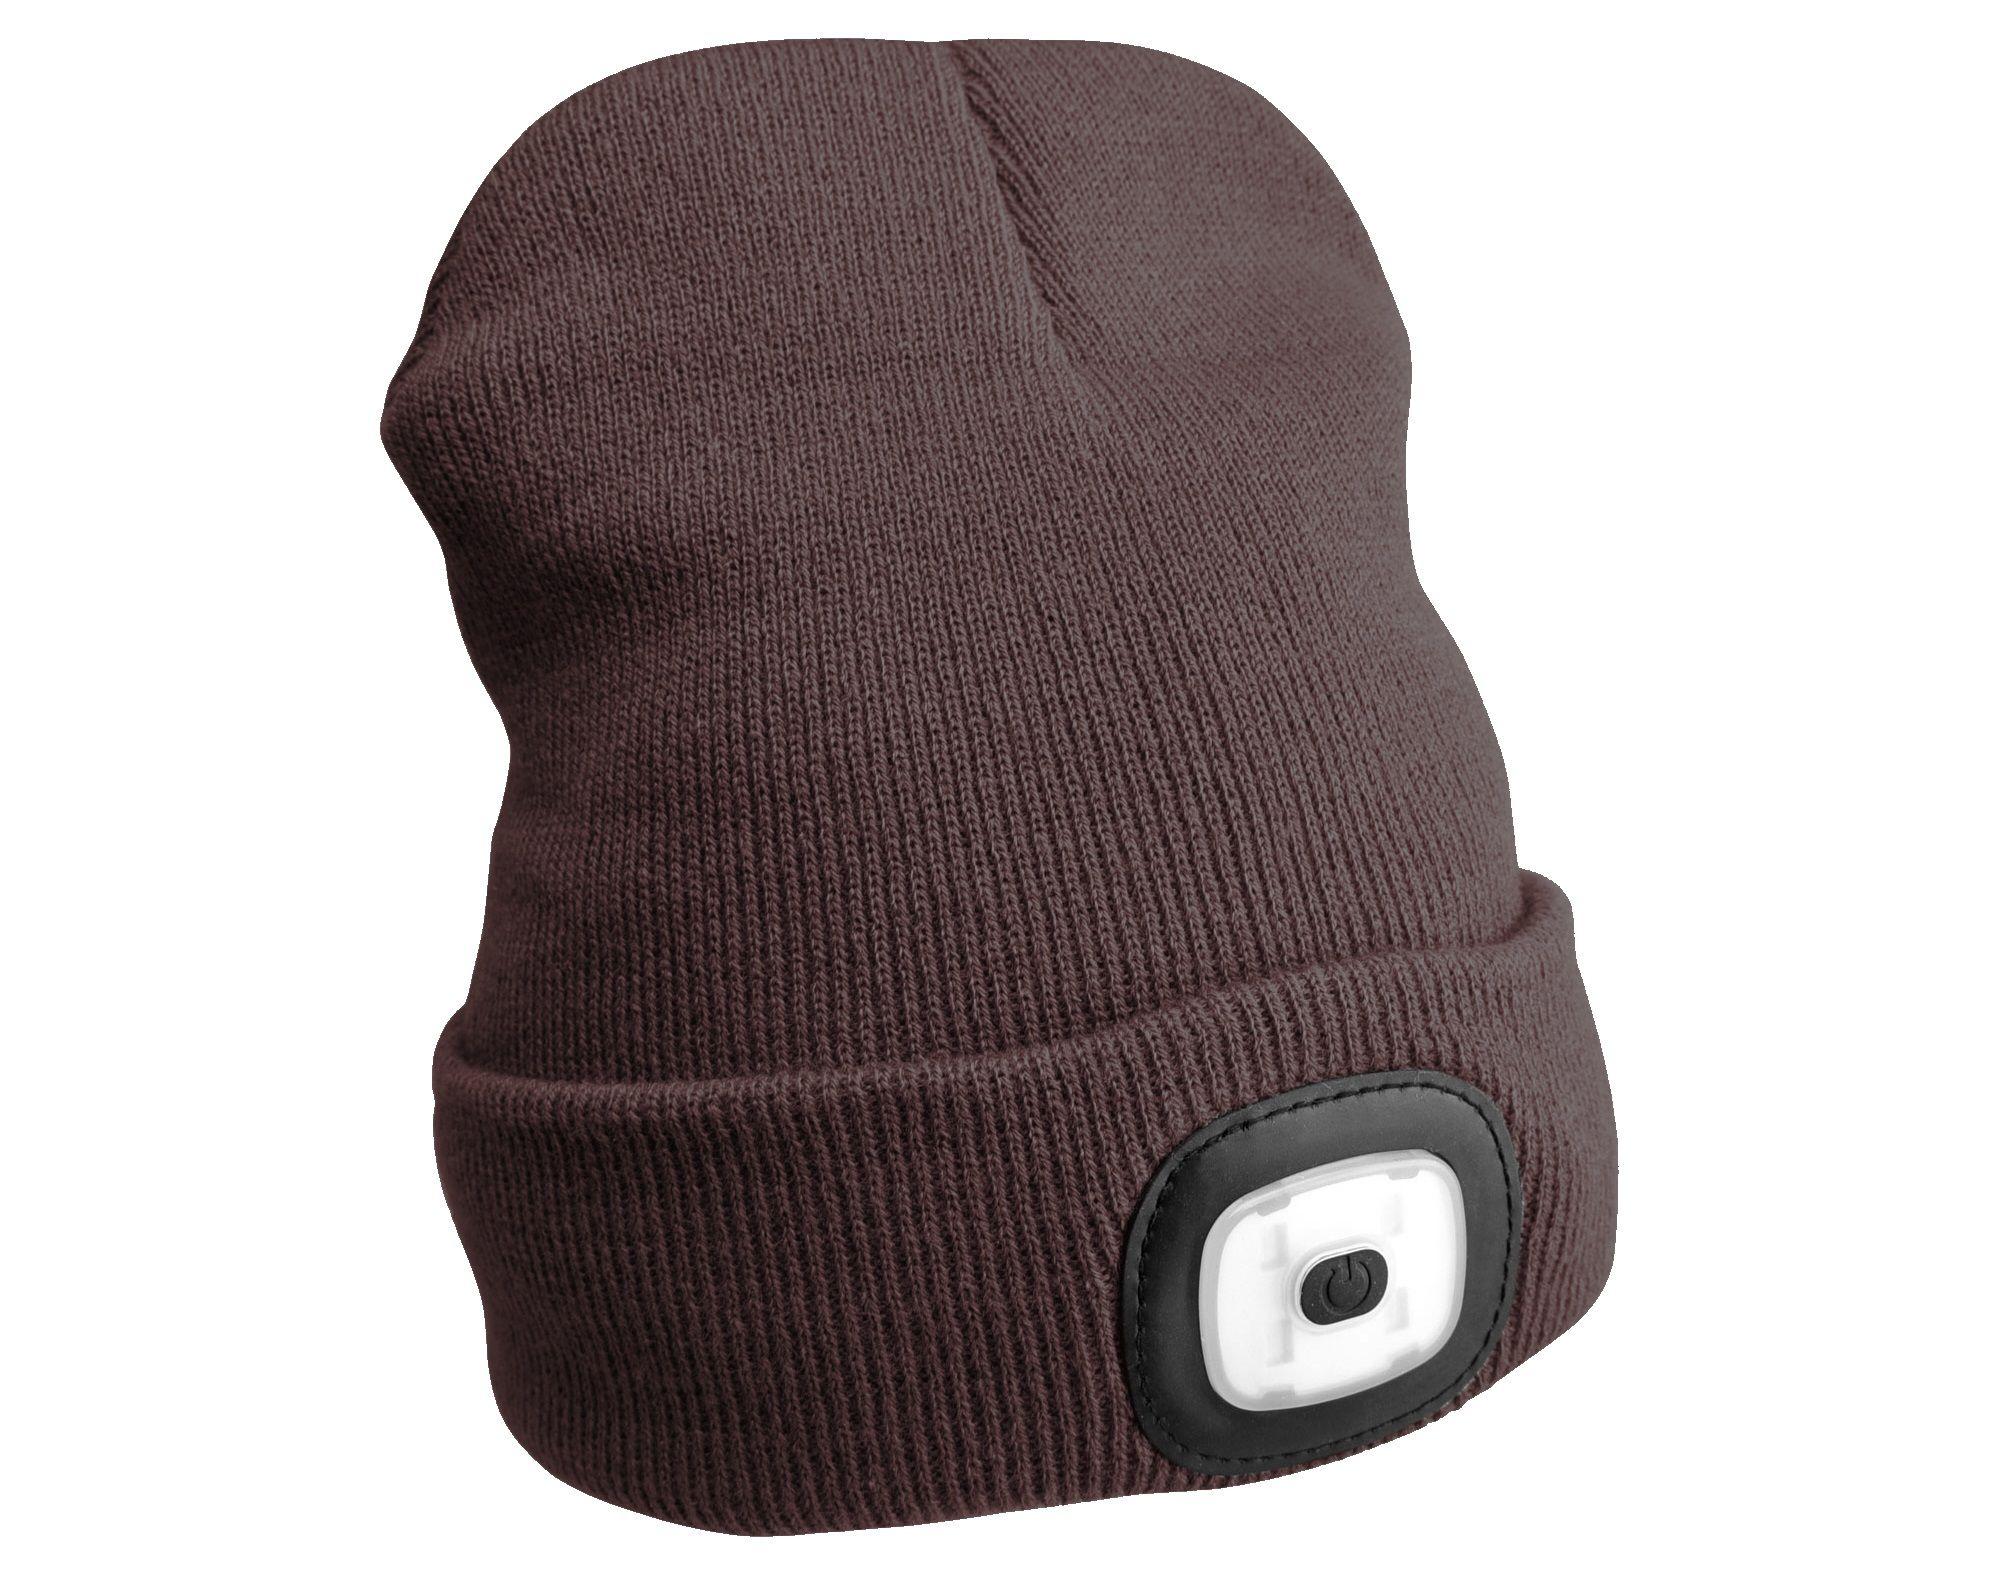 Čepice s čelovkou 180lm, nabíjecí, USB, univerzální velikost, hnědá SIXTOL